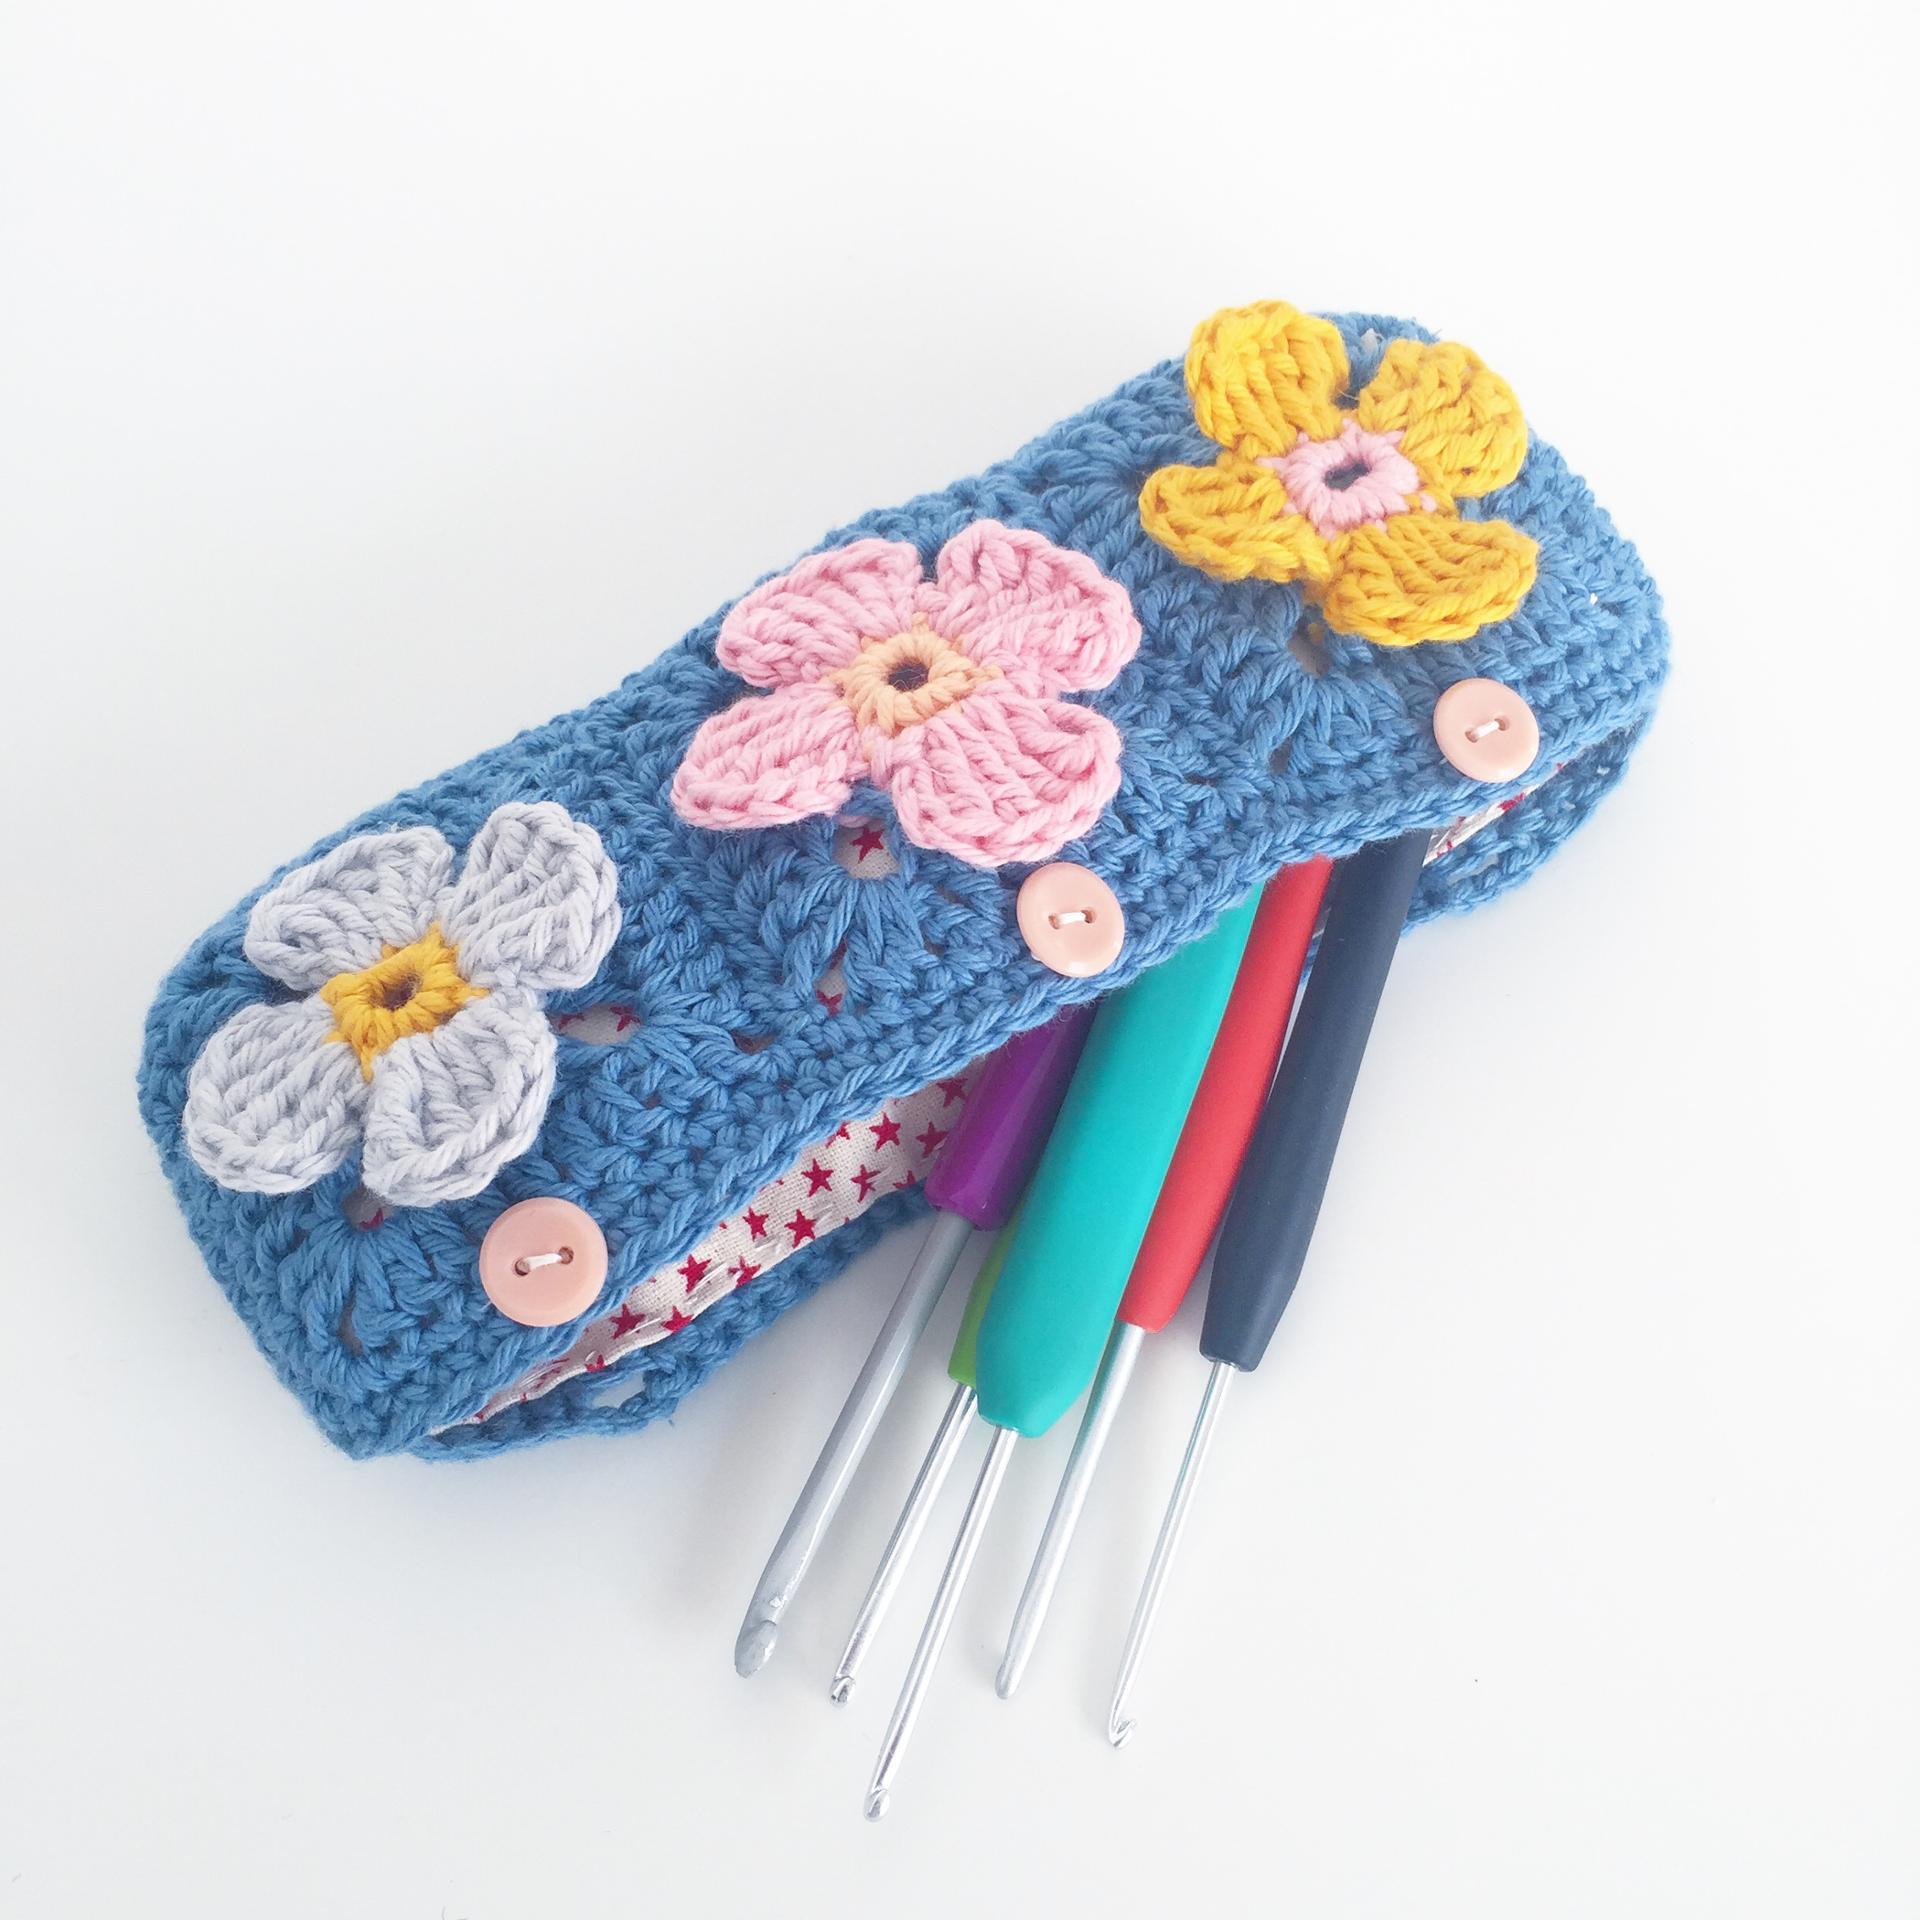 petal square pencil case crochet pattern